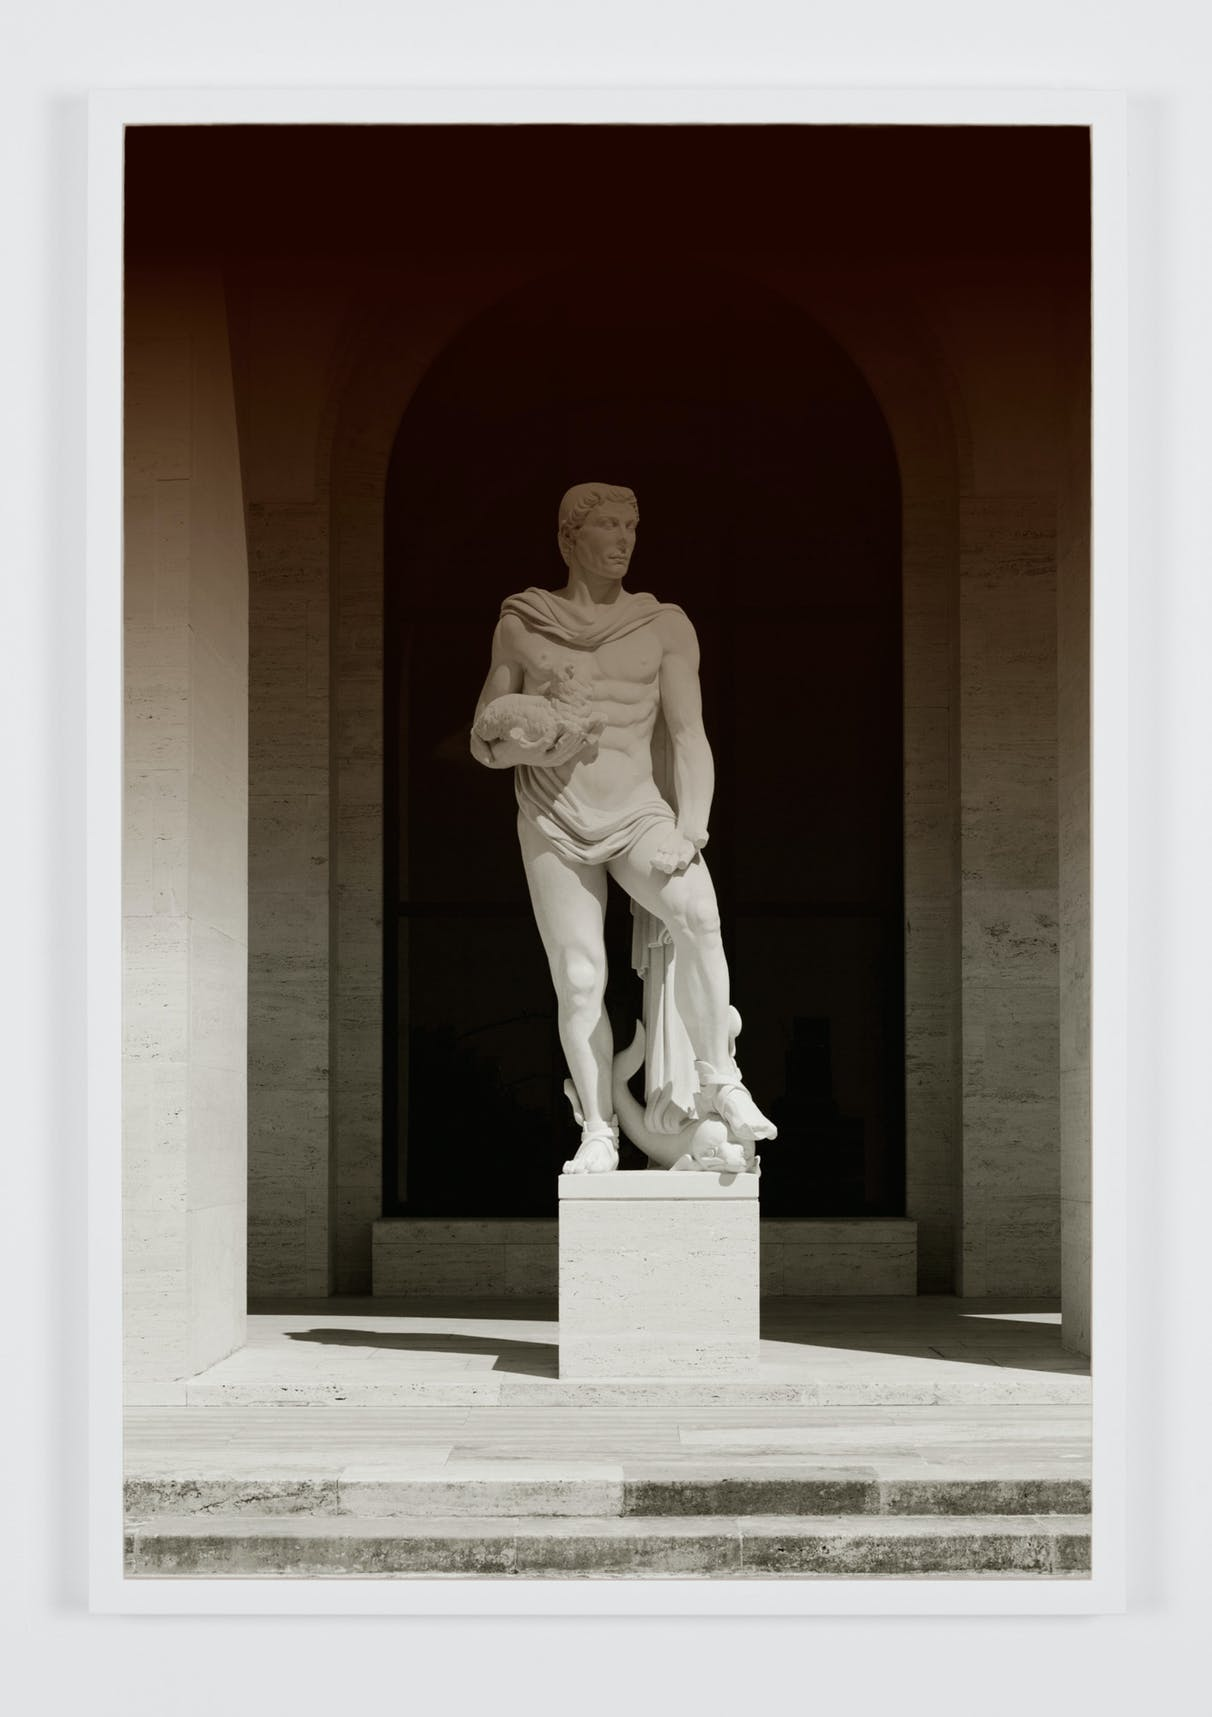 Espen Gleditsch Palazzo della Civilta Ç Italiana 3 2017 40x60 cm archival pigment print foil on glass